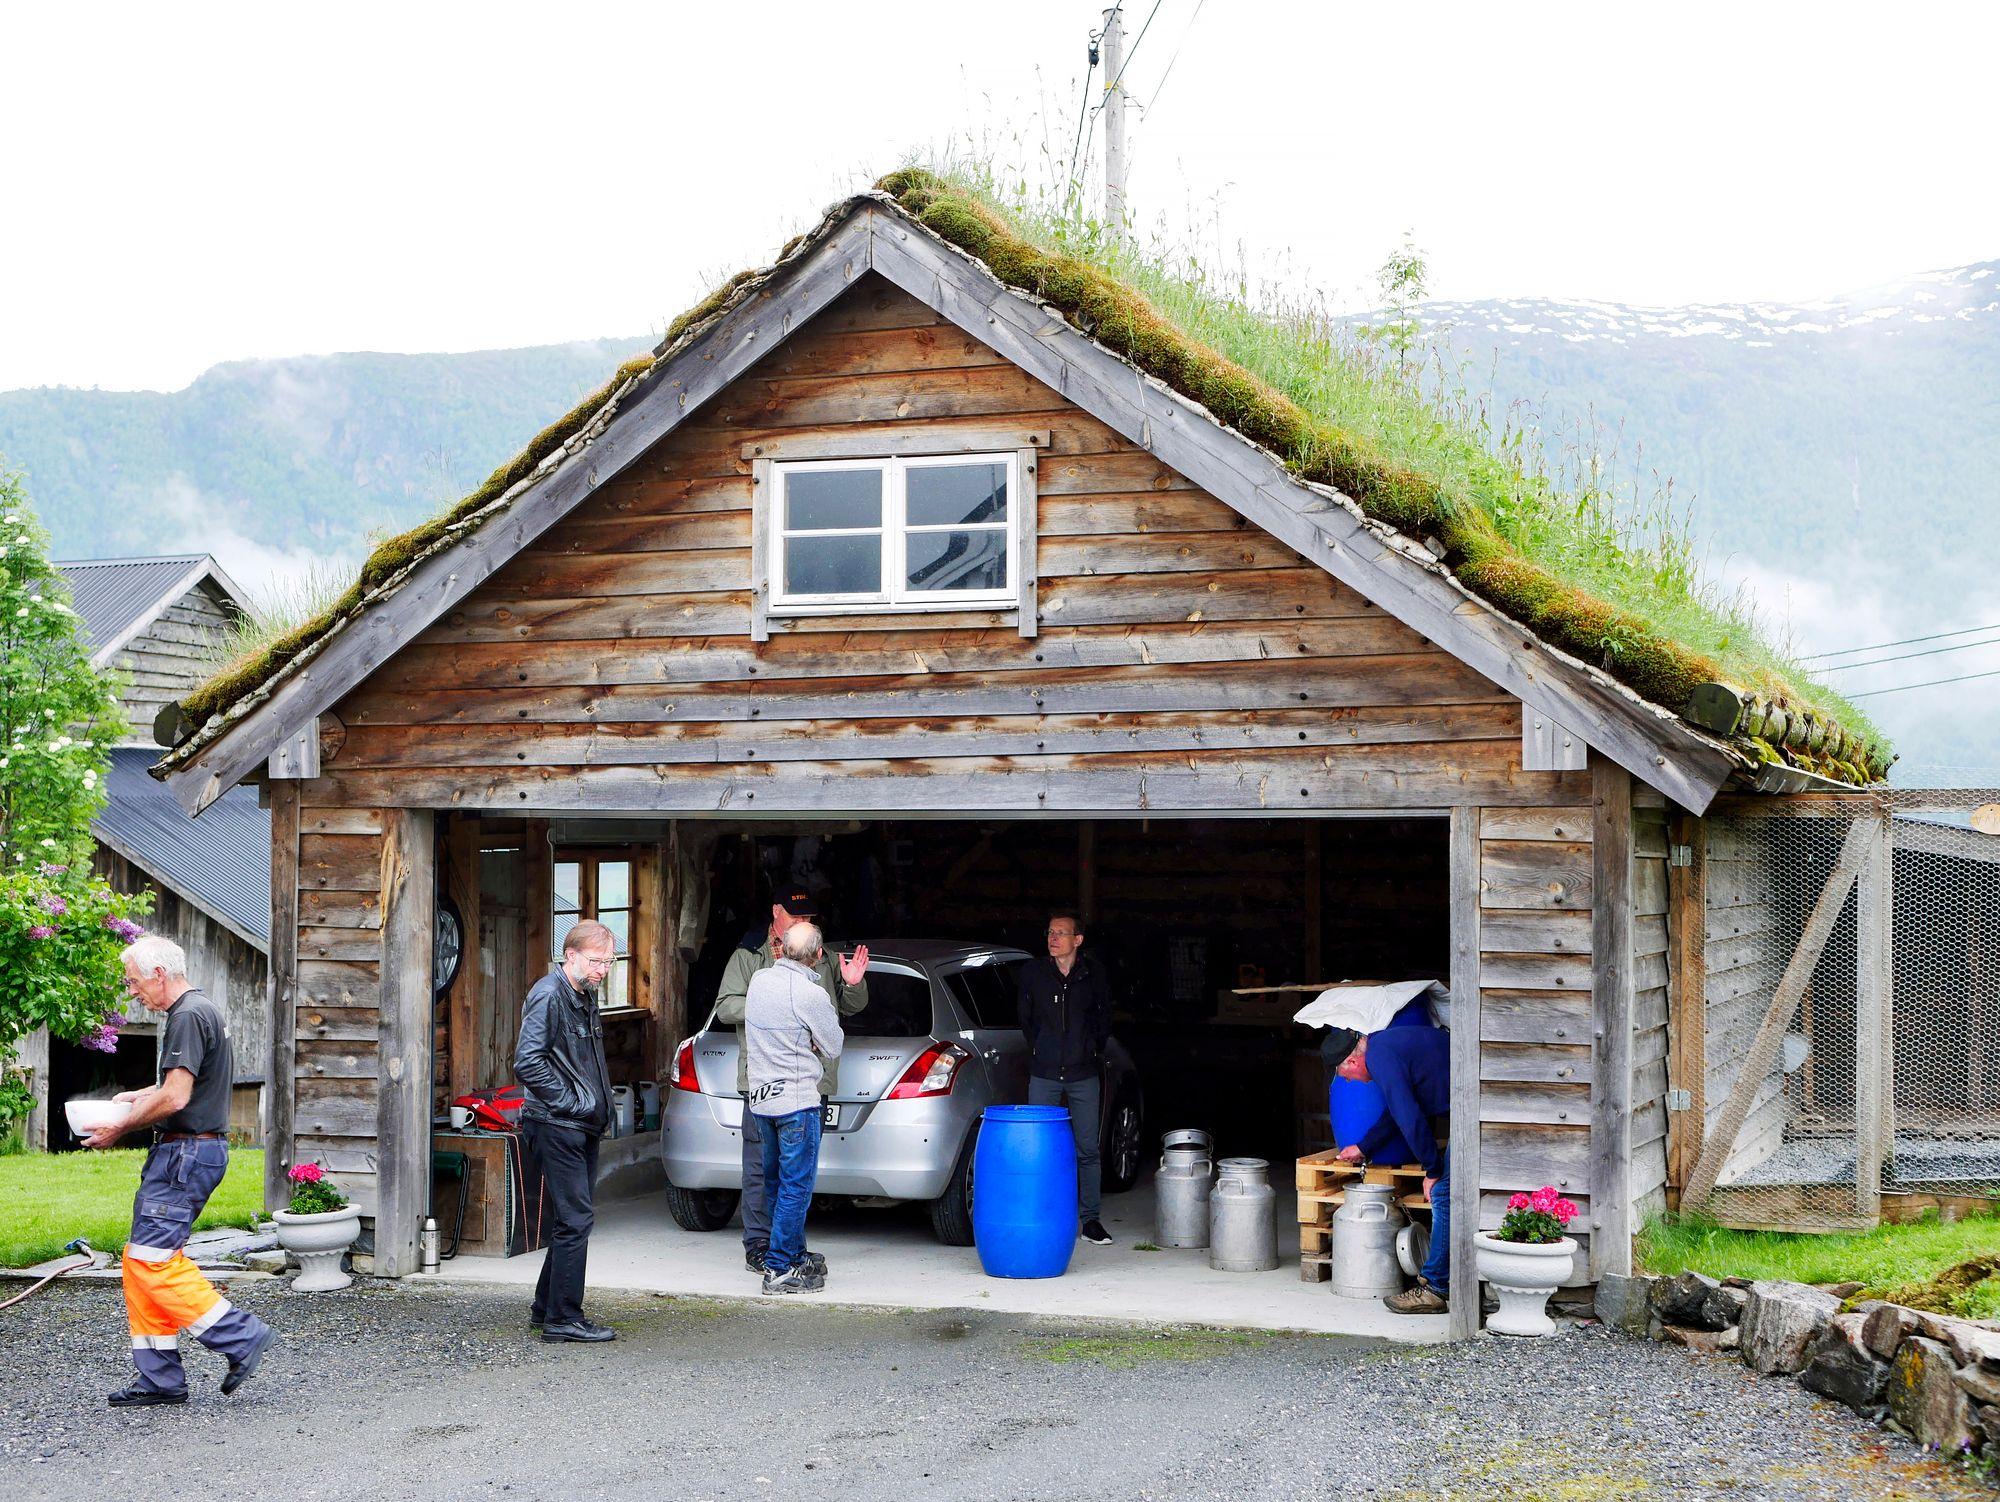 Muinaisoluen panoa Hornindalissa, Norjassa. Olut on kuin sahtia, mutta käytetty paikallisella hiivajuurella, kveikillä. © Mika Laitinen